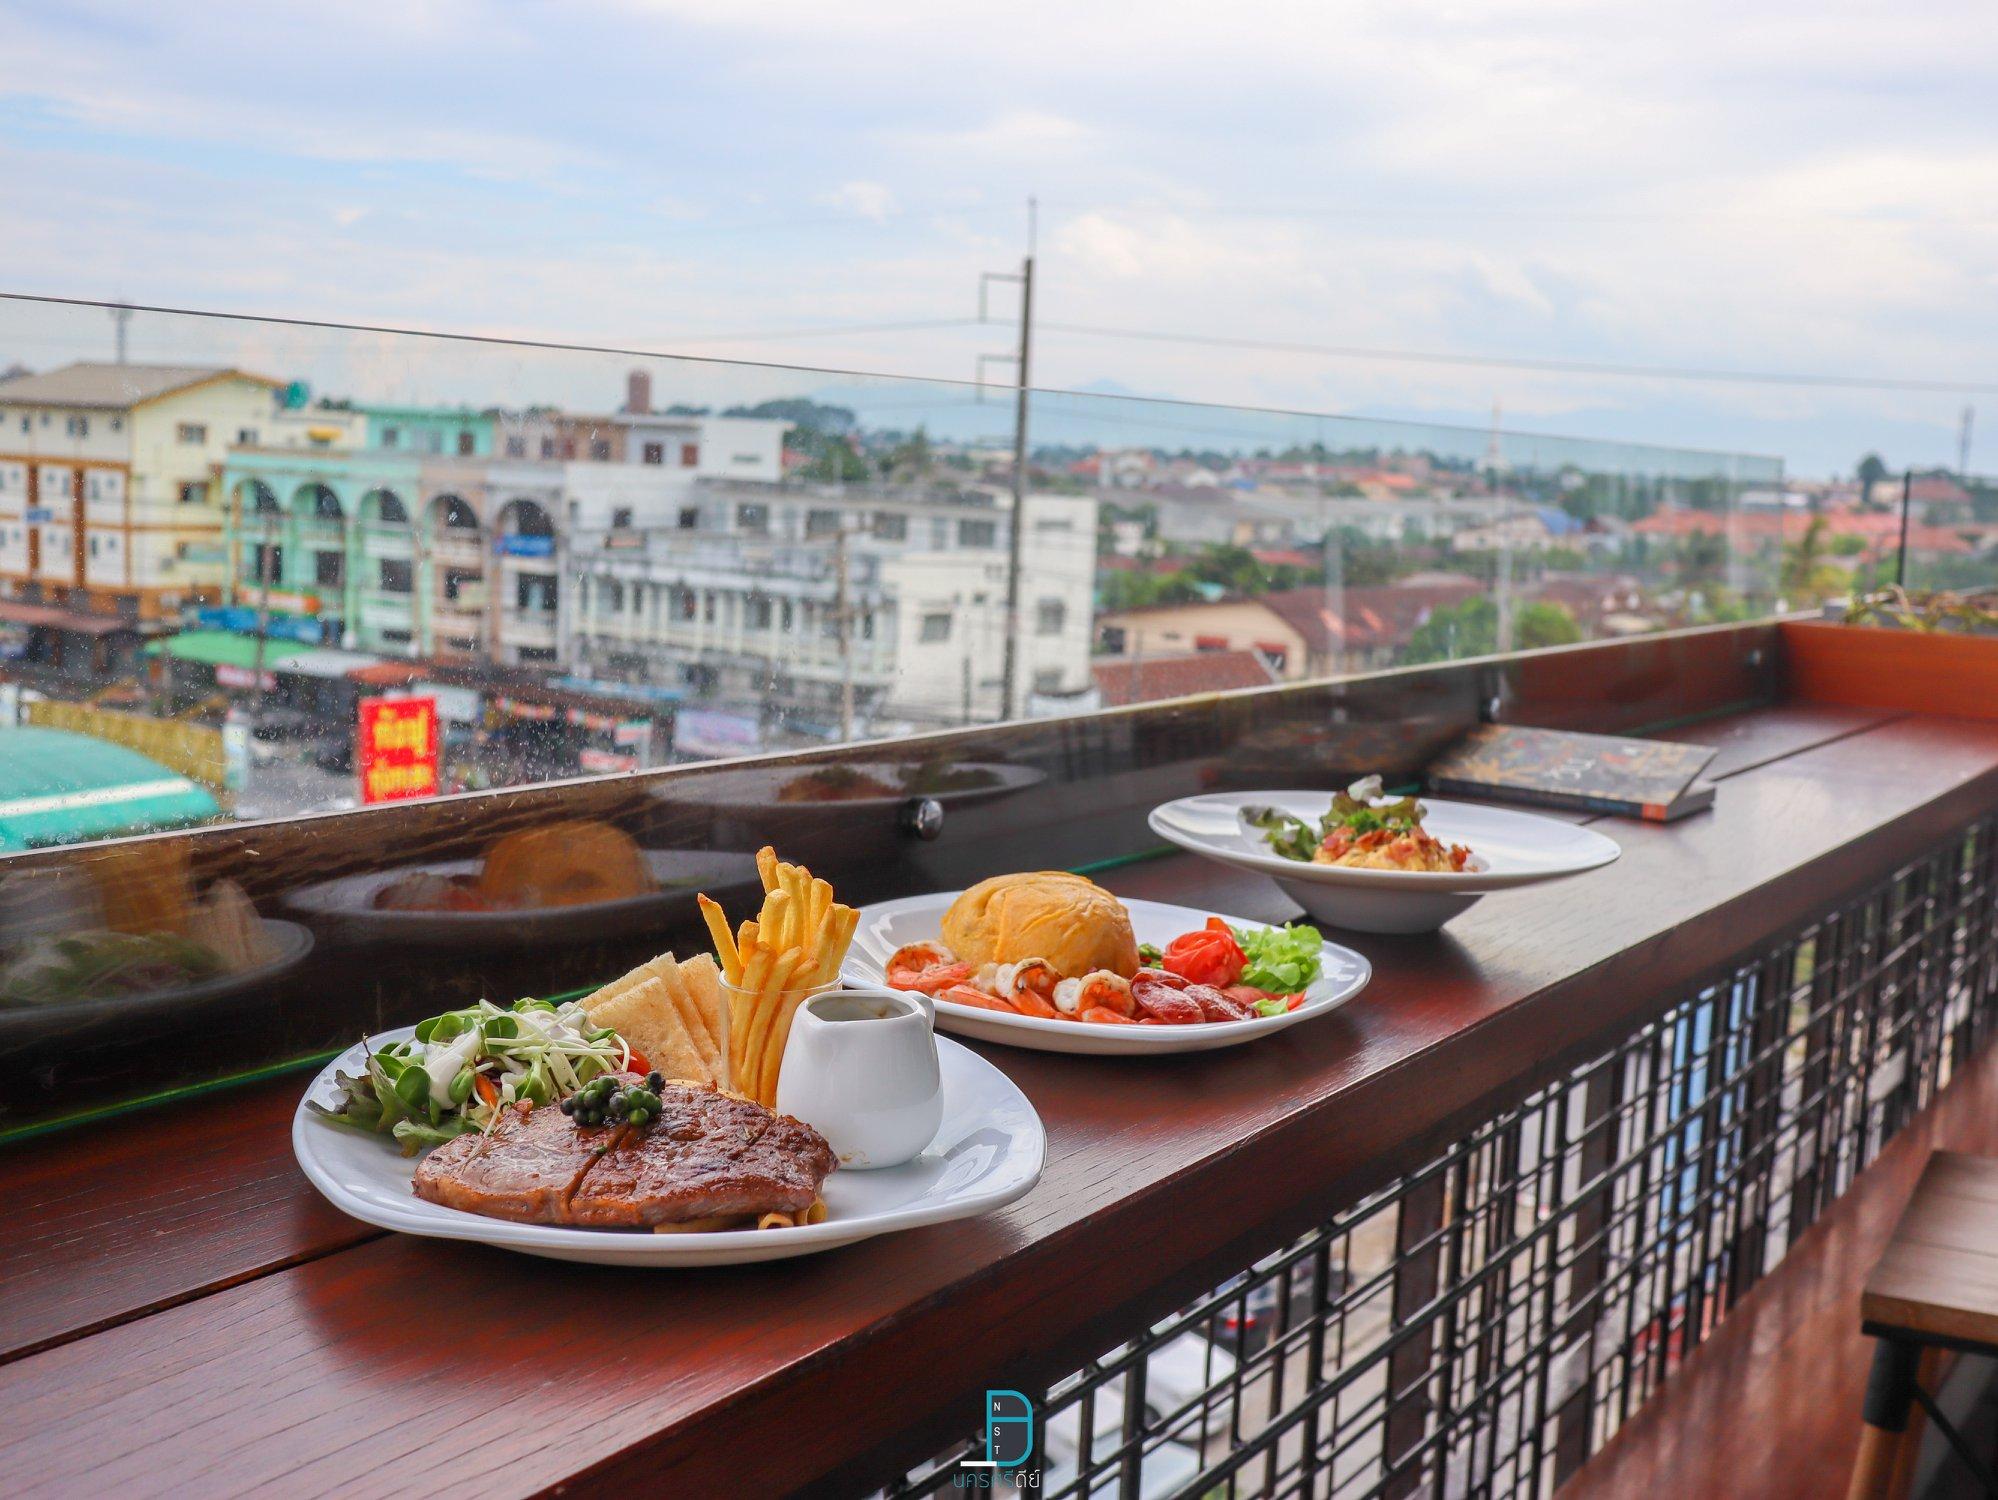 นั่งชิวๆ กับ Rooftop ลมสบายๆ ตั้งแต่ 11.00 - 23.59 กันเลยทีเดียวแลคอน,rooftop,นครศรีธรรมราช,โรงแรม,ร้านอาหาร,เด็ด,สวย,วิวหลักล้าน